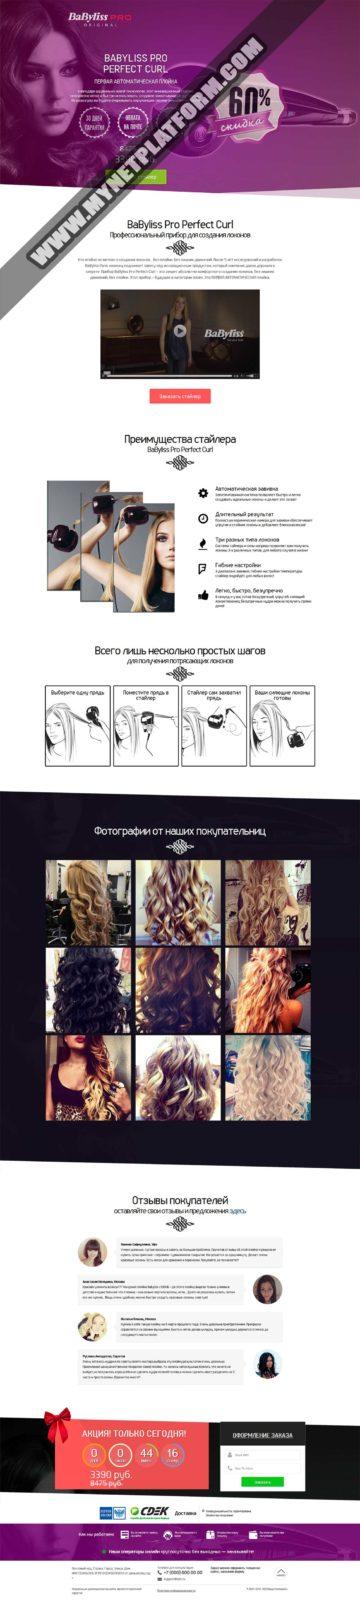 Скриншот Готового лендинга BaByliss Pro Perfect Curl - автоматическая плойка для завивки волос 001